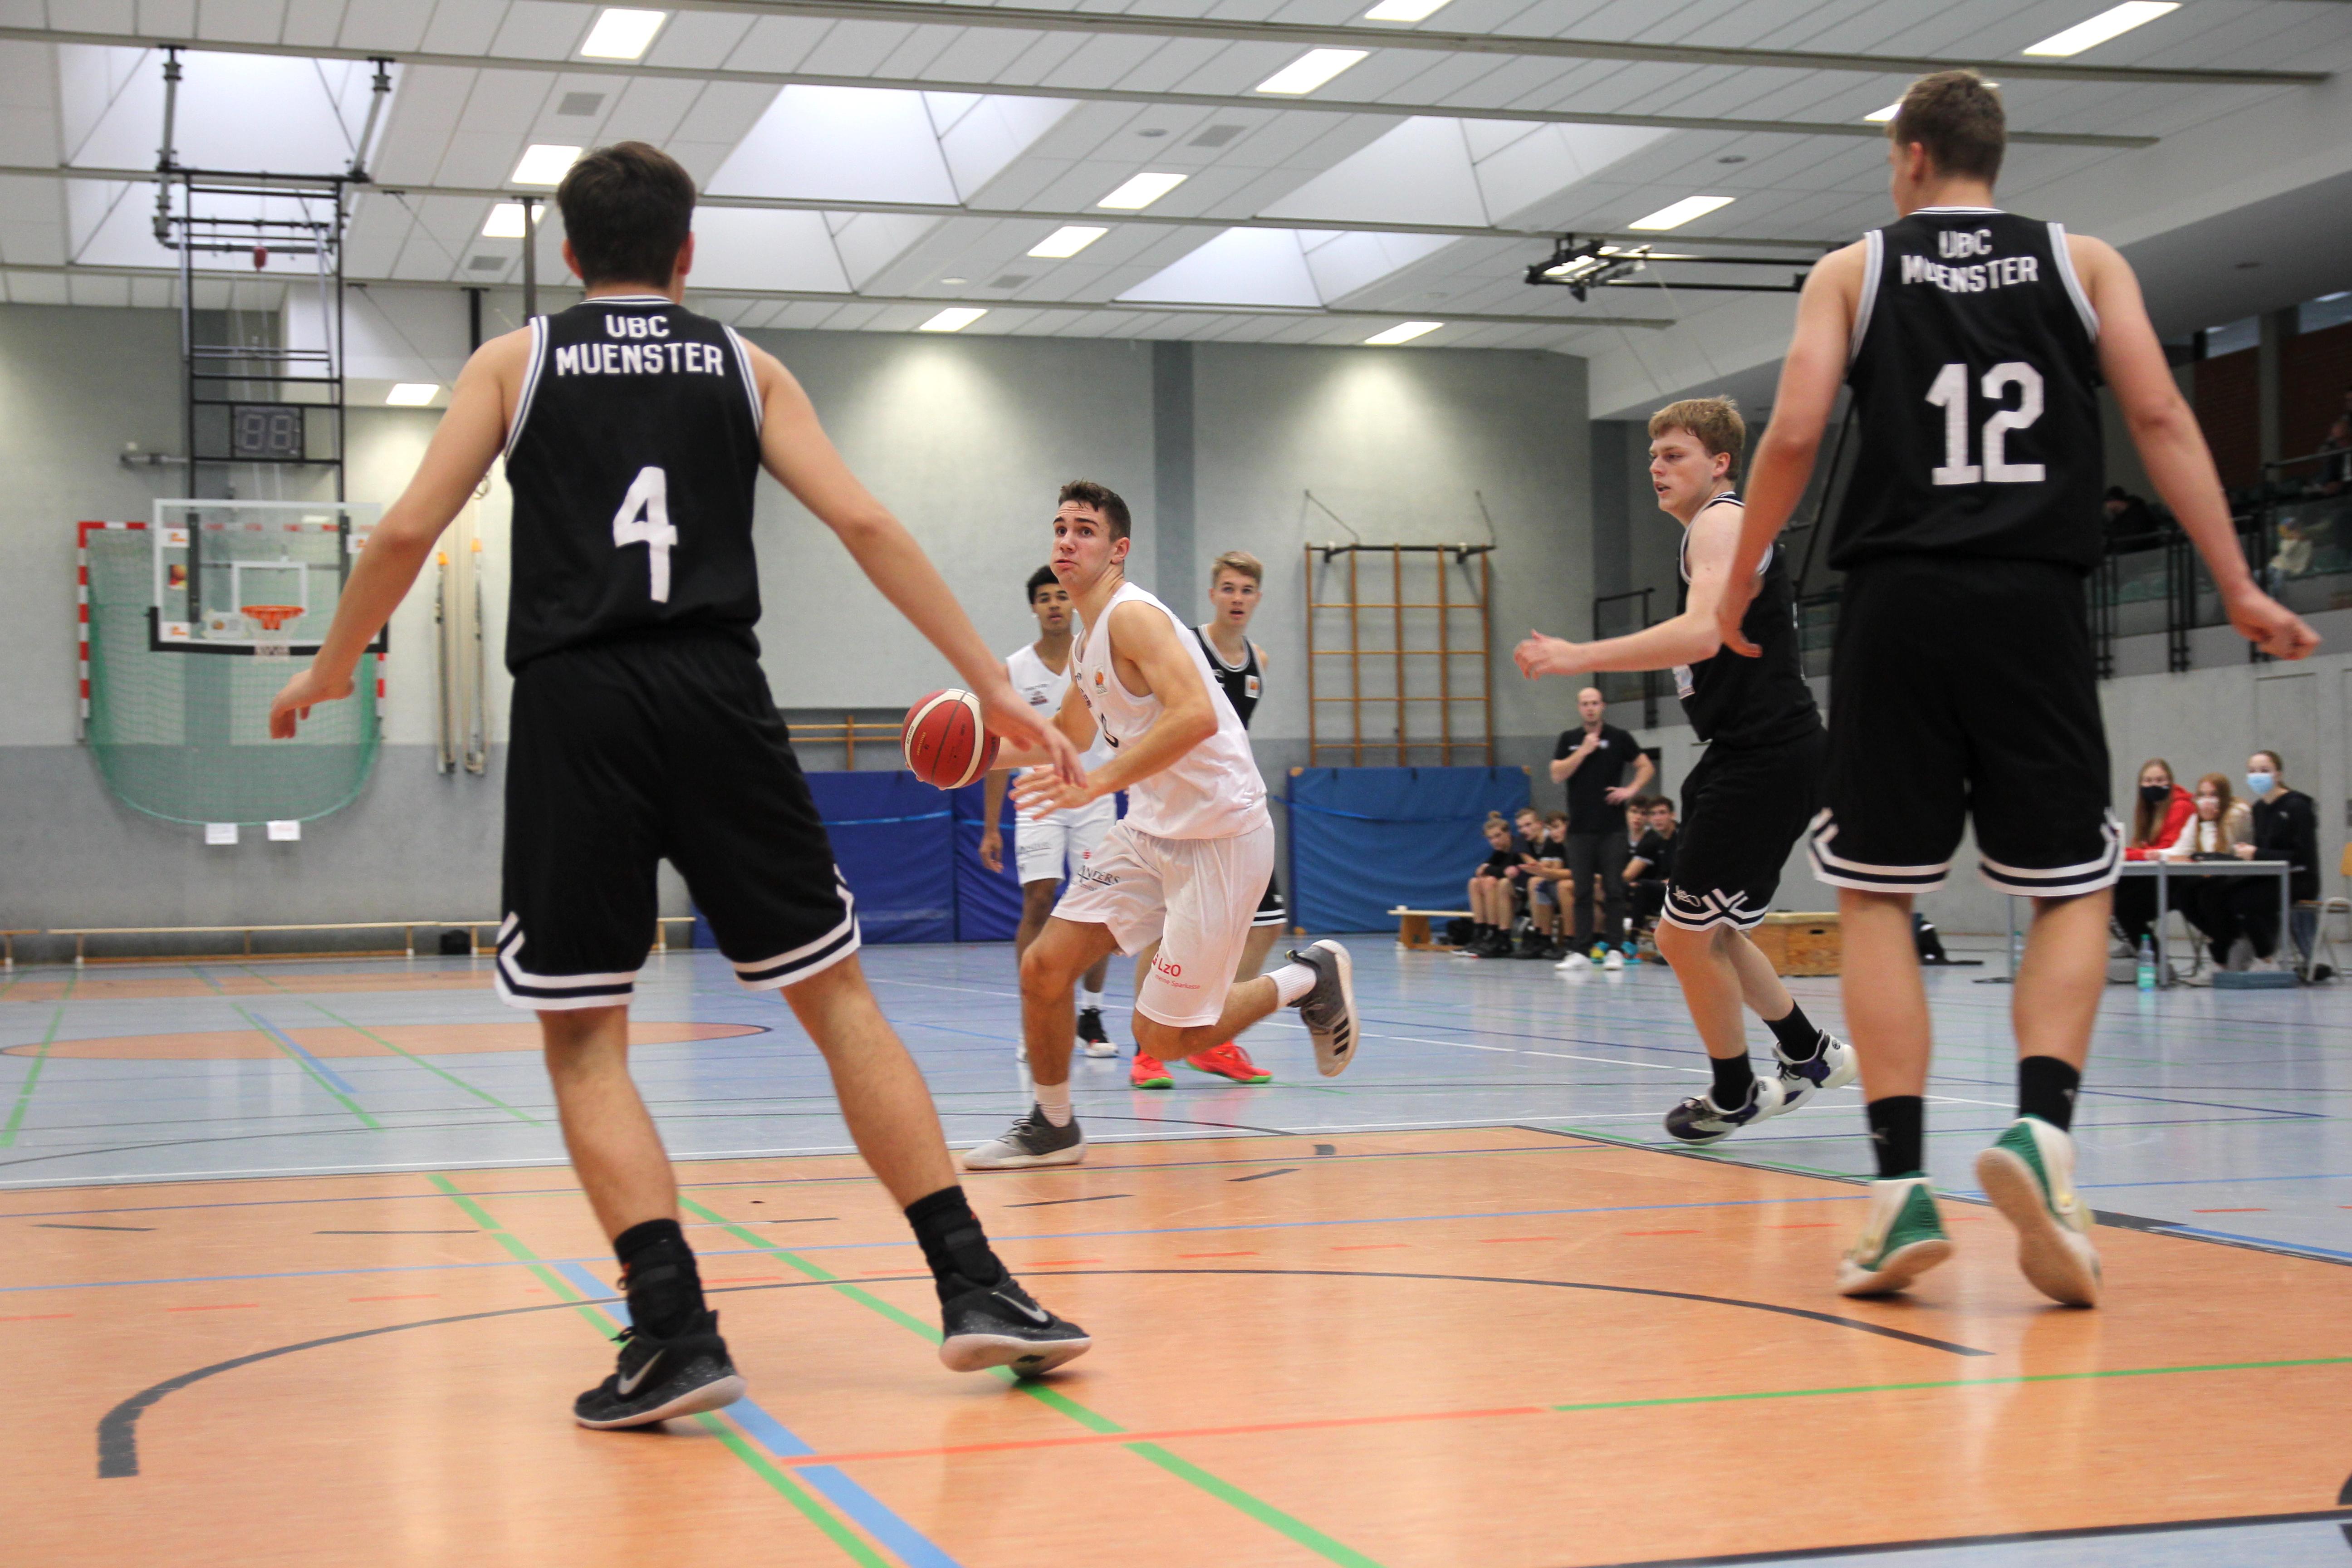 NBBL_20-21_YOUNG-RASTA-DRAGONS_Münster_Spieltag1_Noah-Jänen